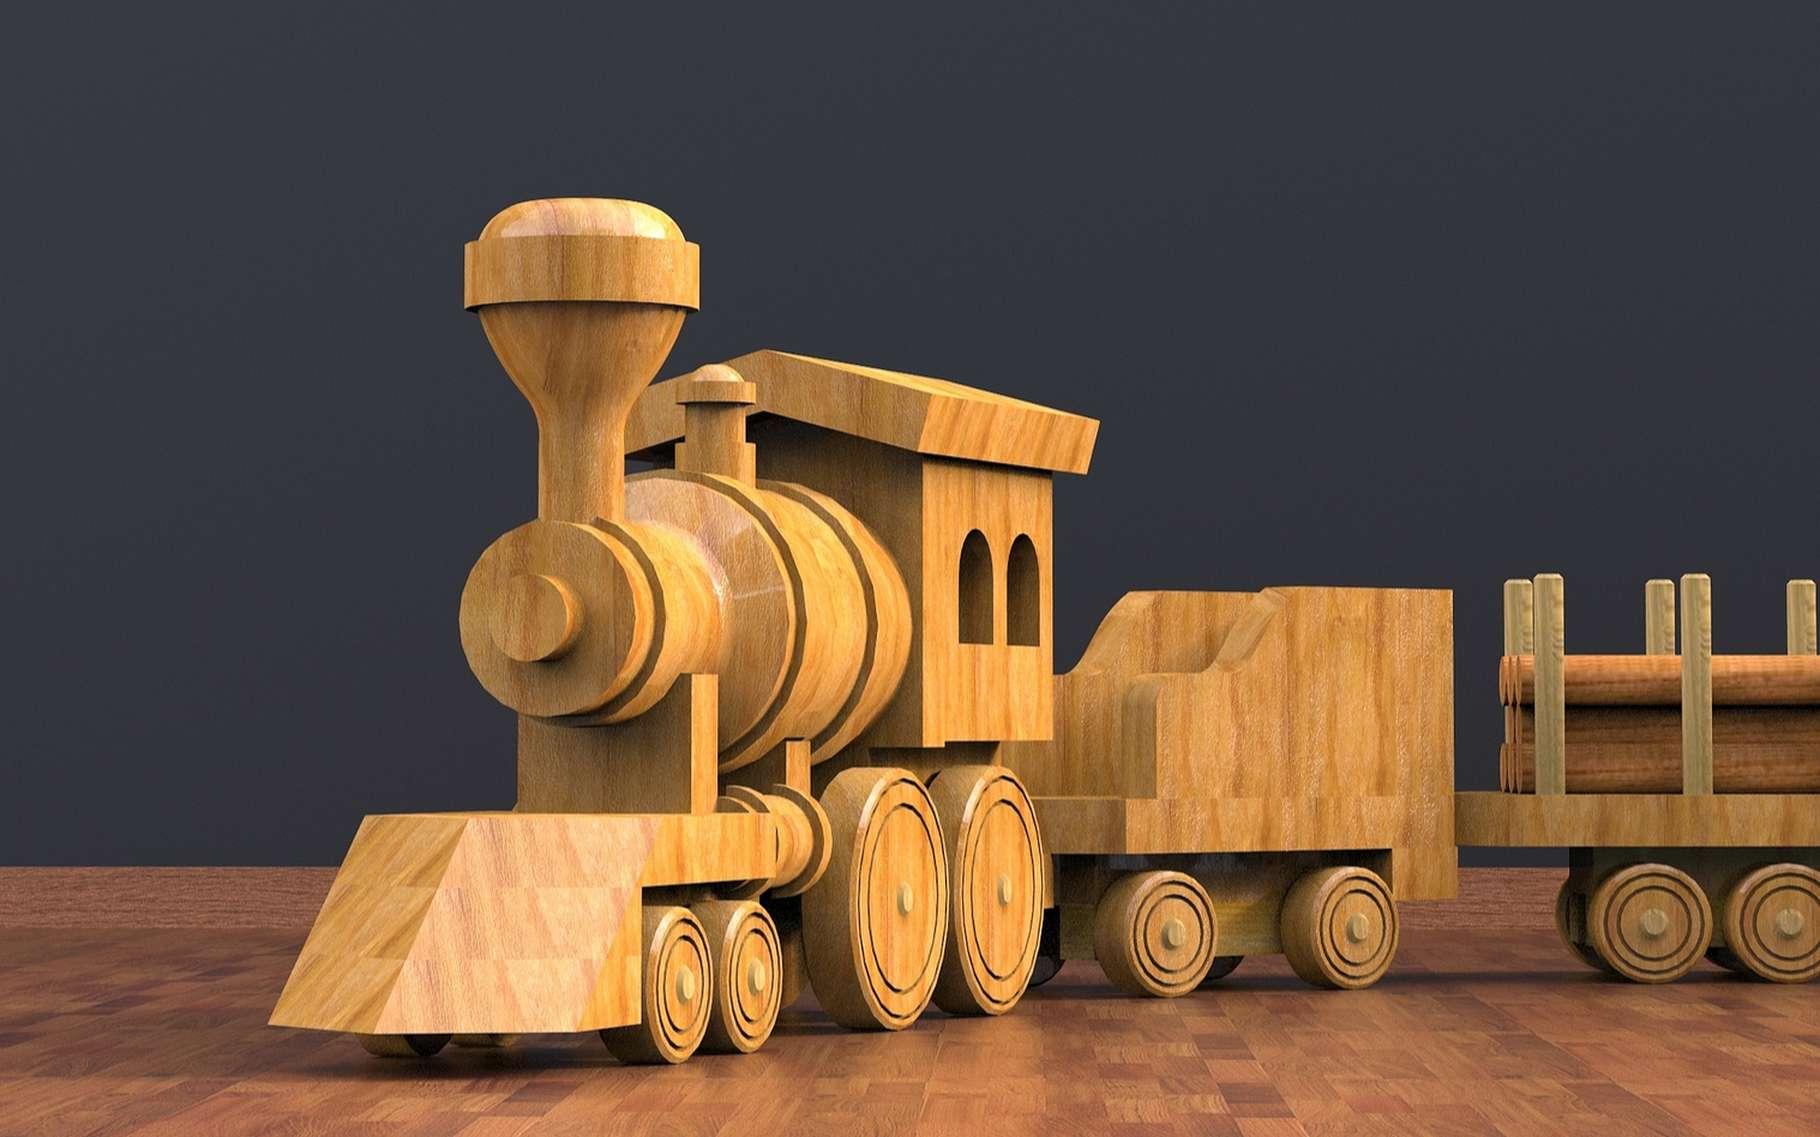 Quels cadeaux écologiques offrir ? Un train en bois peut être une bonne idée mais il y en a plein d'autres ! © kanesuan saksangvirat, Shutterstock